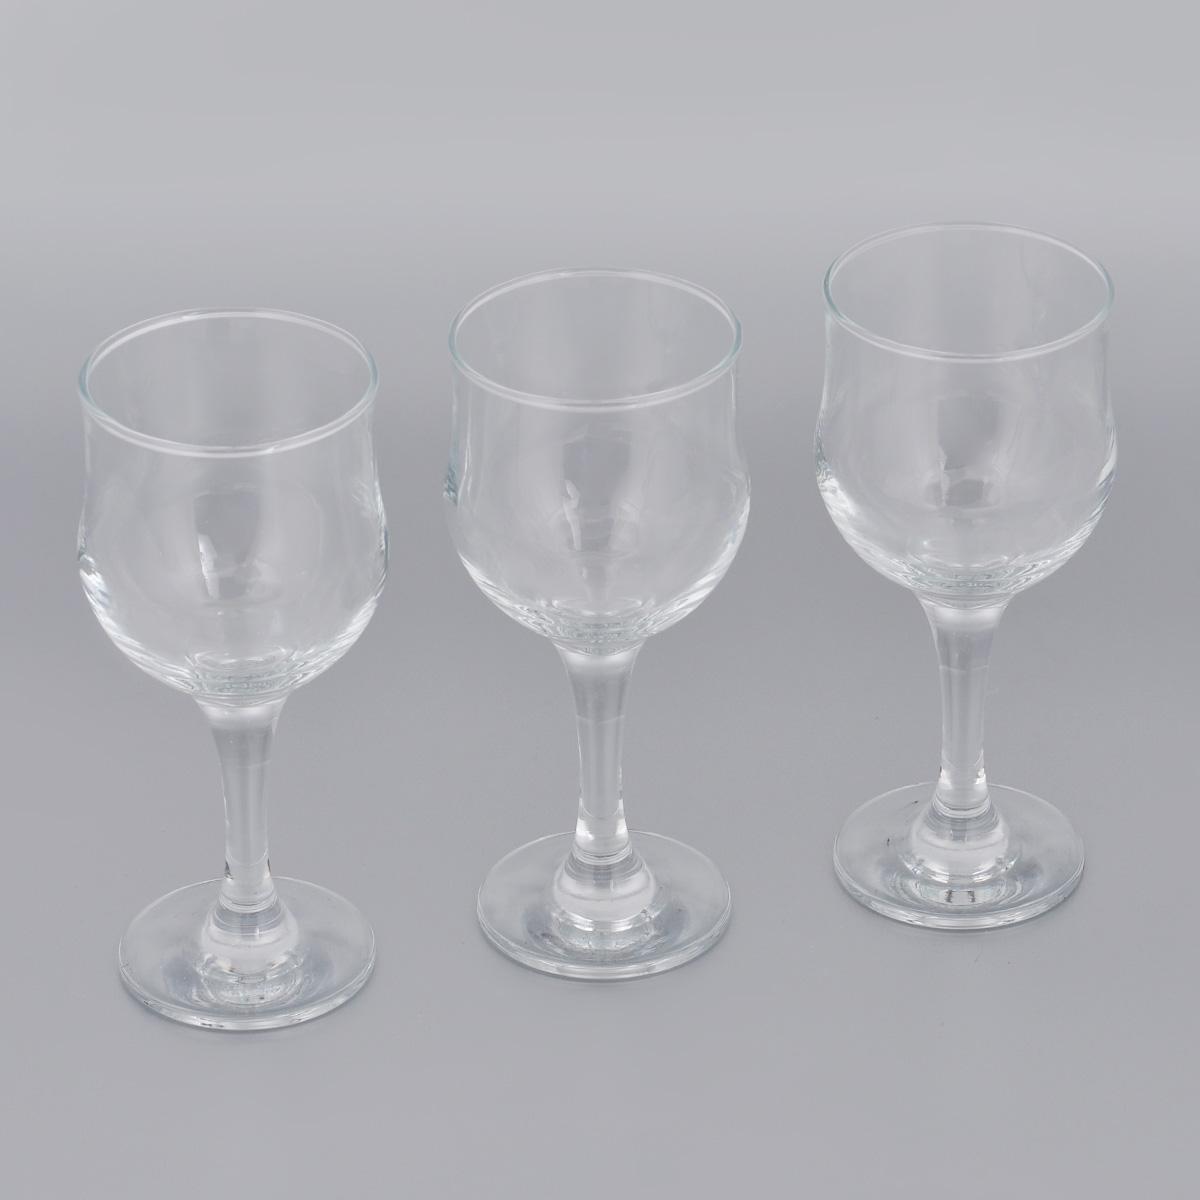 Набор бокалов для красного вина Pasabahce Tulipe, 240 мл, 3 шт44163BНабор Pasabahce Tulipe состоит из трех бокалов, выполненных из прочного натрий-кальций-силикатного стекла. Изделия оснащены высокими ножками. Бокалы предназначены для подачи красного вина. Они сочетают в себе элегантный дизайн и функциональность. Благодаря такому набору пить напитки будет еще вкуснее.Набор бокалов Pasabahce Tulipe прекрасно оформит праздничный стол и создаст приятную атмосферу за романтическим ужином. Такой набор также станет хорошим подарком к любому случаю. Можно мыть в посудомоечной машине и использовать в микроволновой печи.Диаметр бокала (по верхнему краю): 6 см. Высота бокала: 16,5 см.